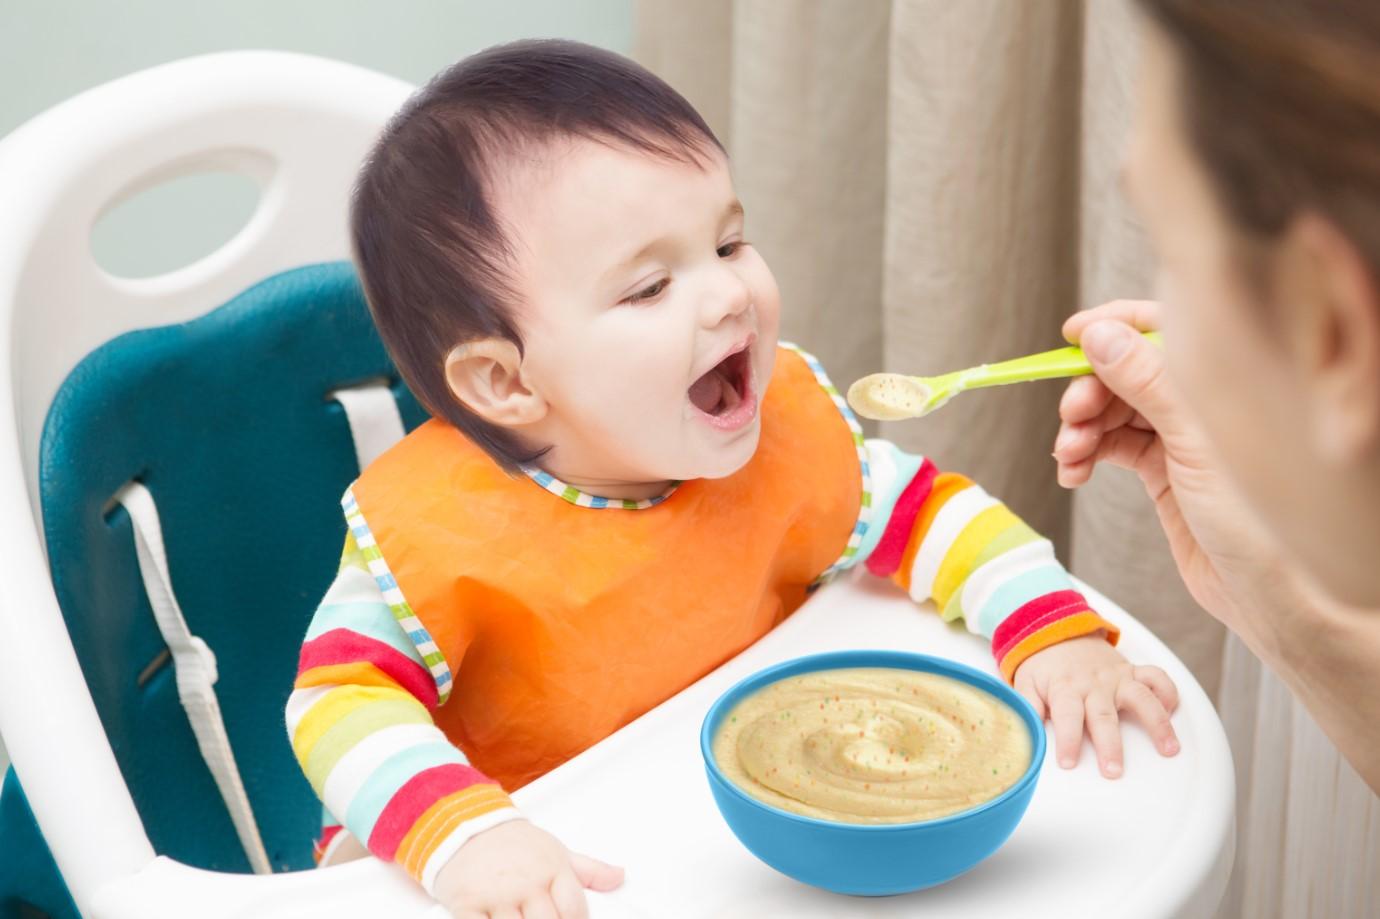 Hướng dẫn làm dầu dừa đơn giản, đảm bảo nguyên chất cho bé ăn dặm